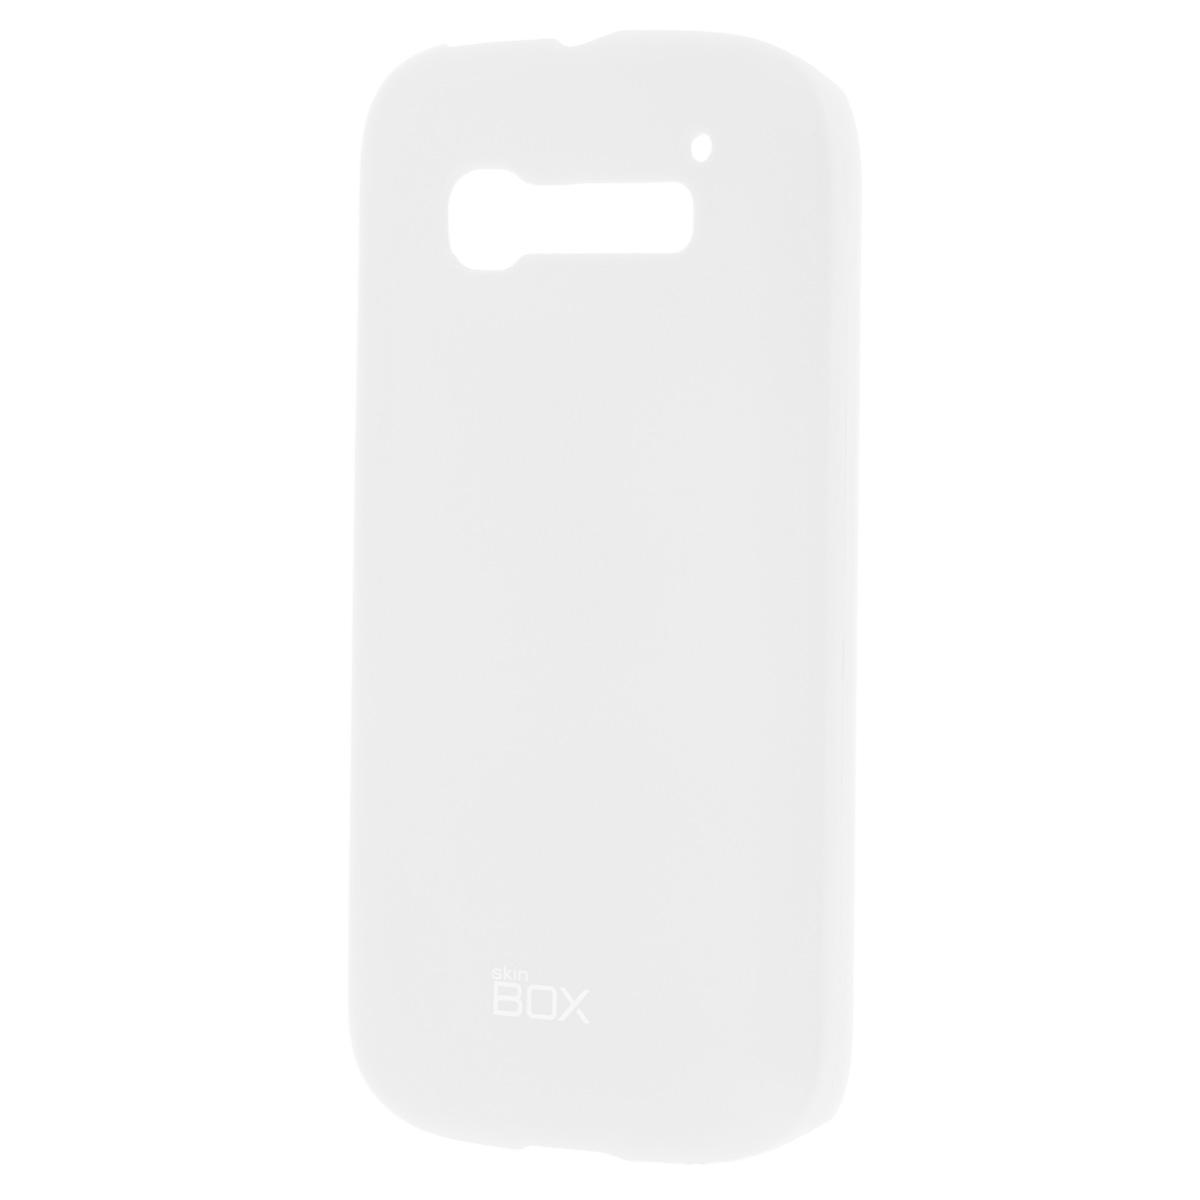 Skinbox Shield 4People чехол для Alcatel 5036D С5, WhiteT-S-A5036D-002Чехол Skinbox Shield 4People для Alcatel One Touch Pop C5 предназначен для защиты корпуса смартфона от механических повреждений и царапин в процессе эксплуатации. Имеется свободный доступ ко всем разъемам и кнопкам устройства. В комплект также входит защитная пленка на экран телефона.